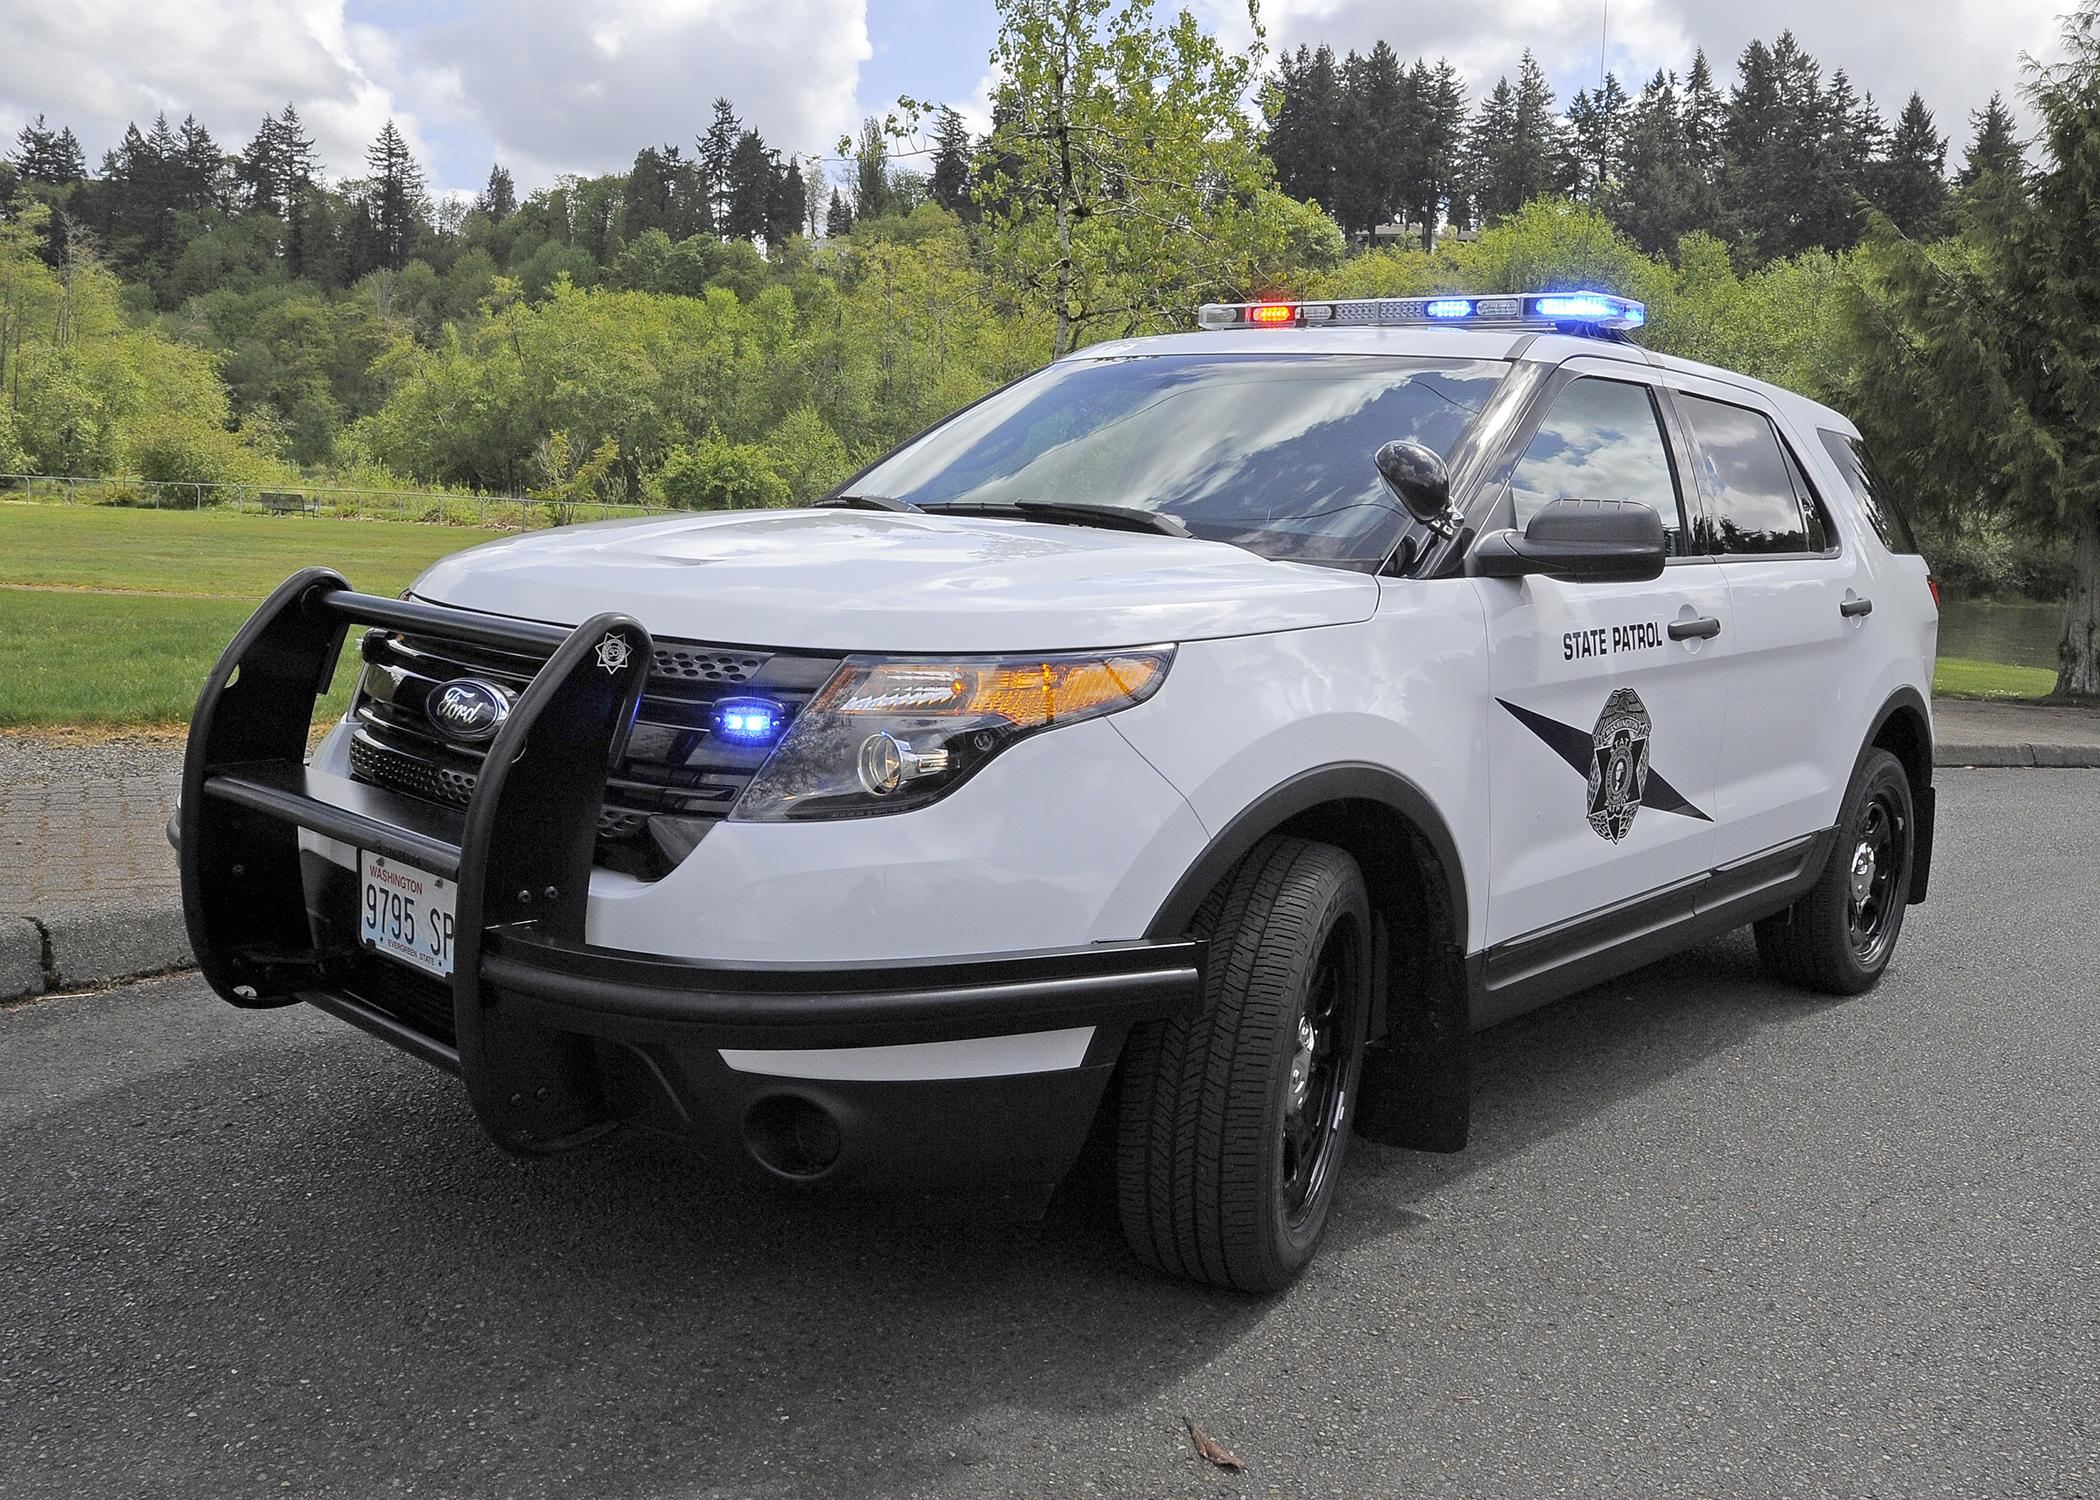 Washington State Car Wash Law